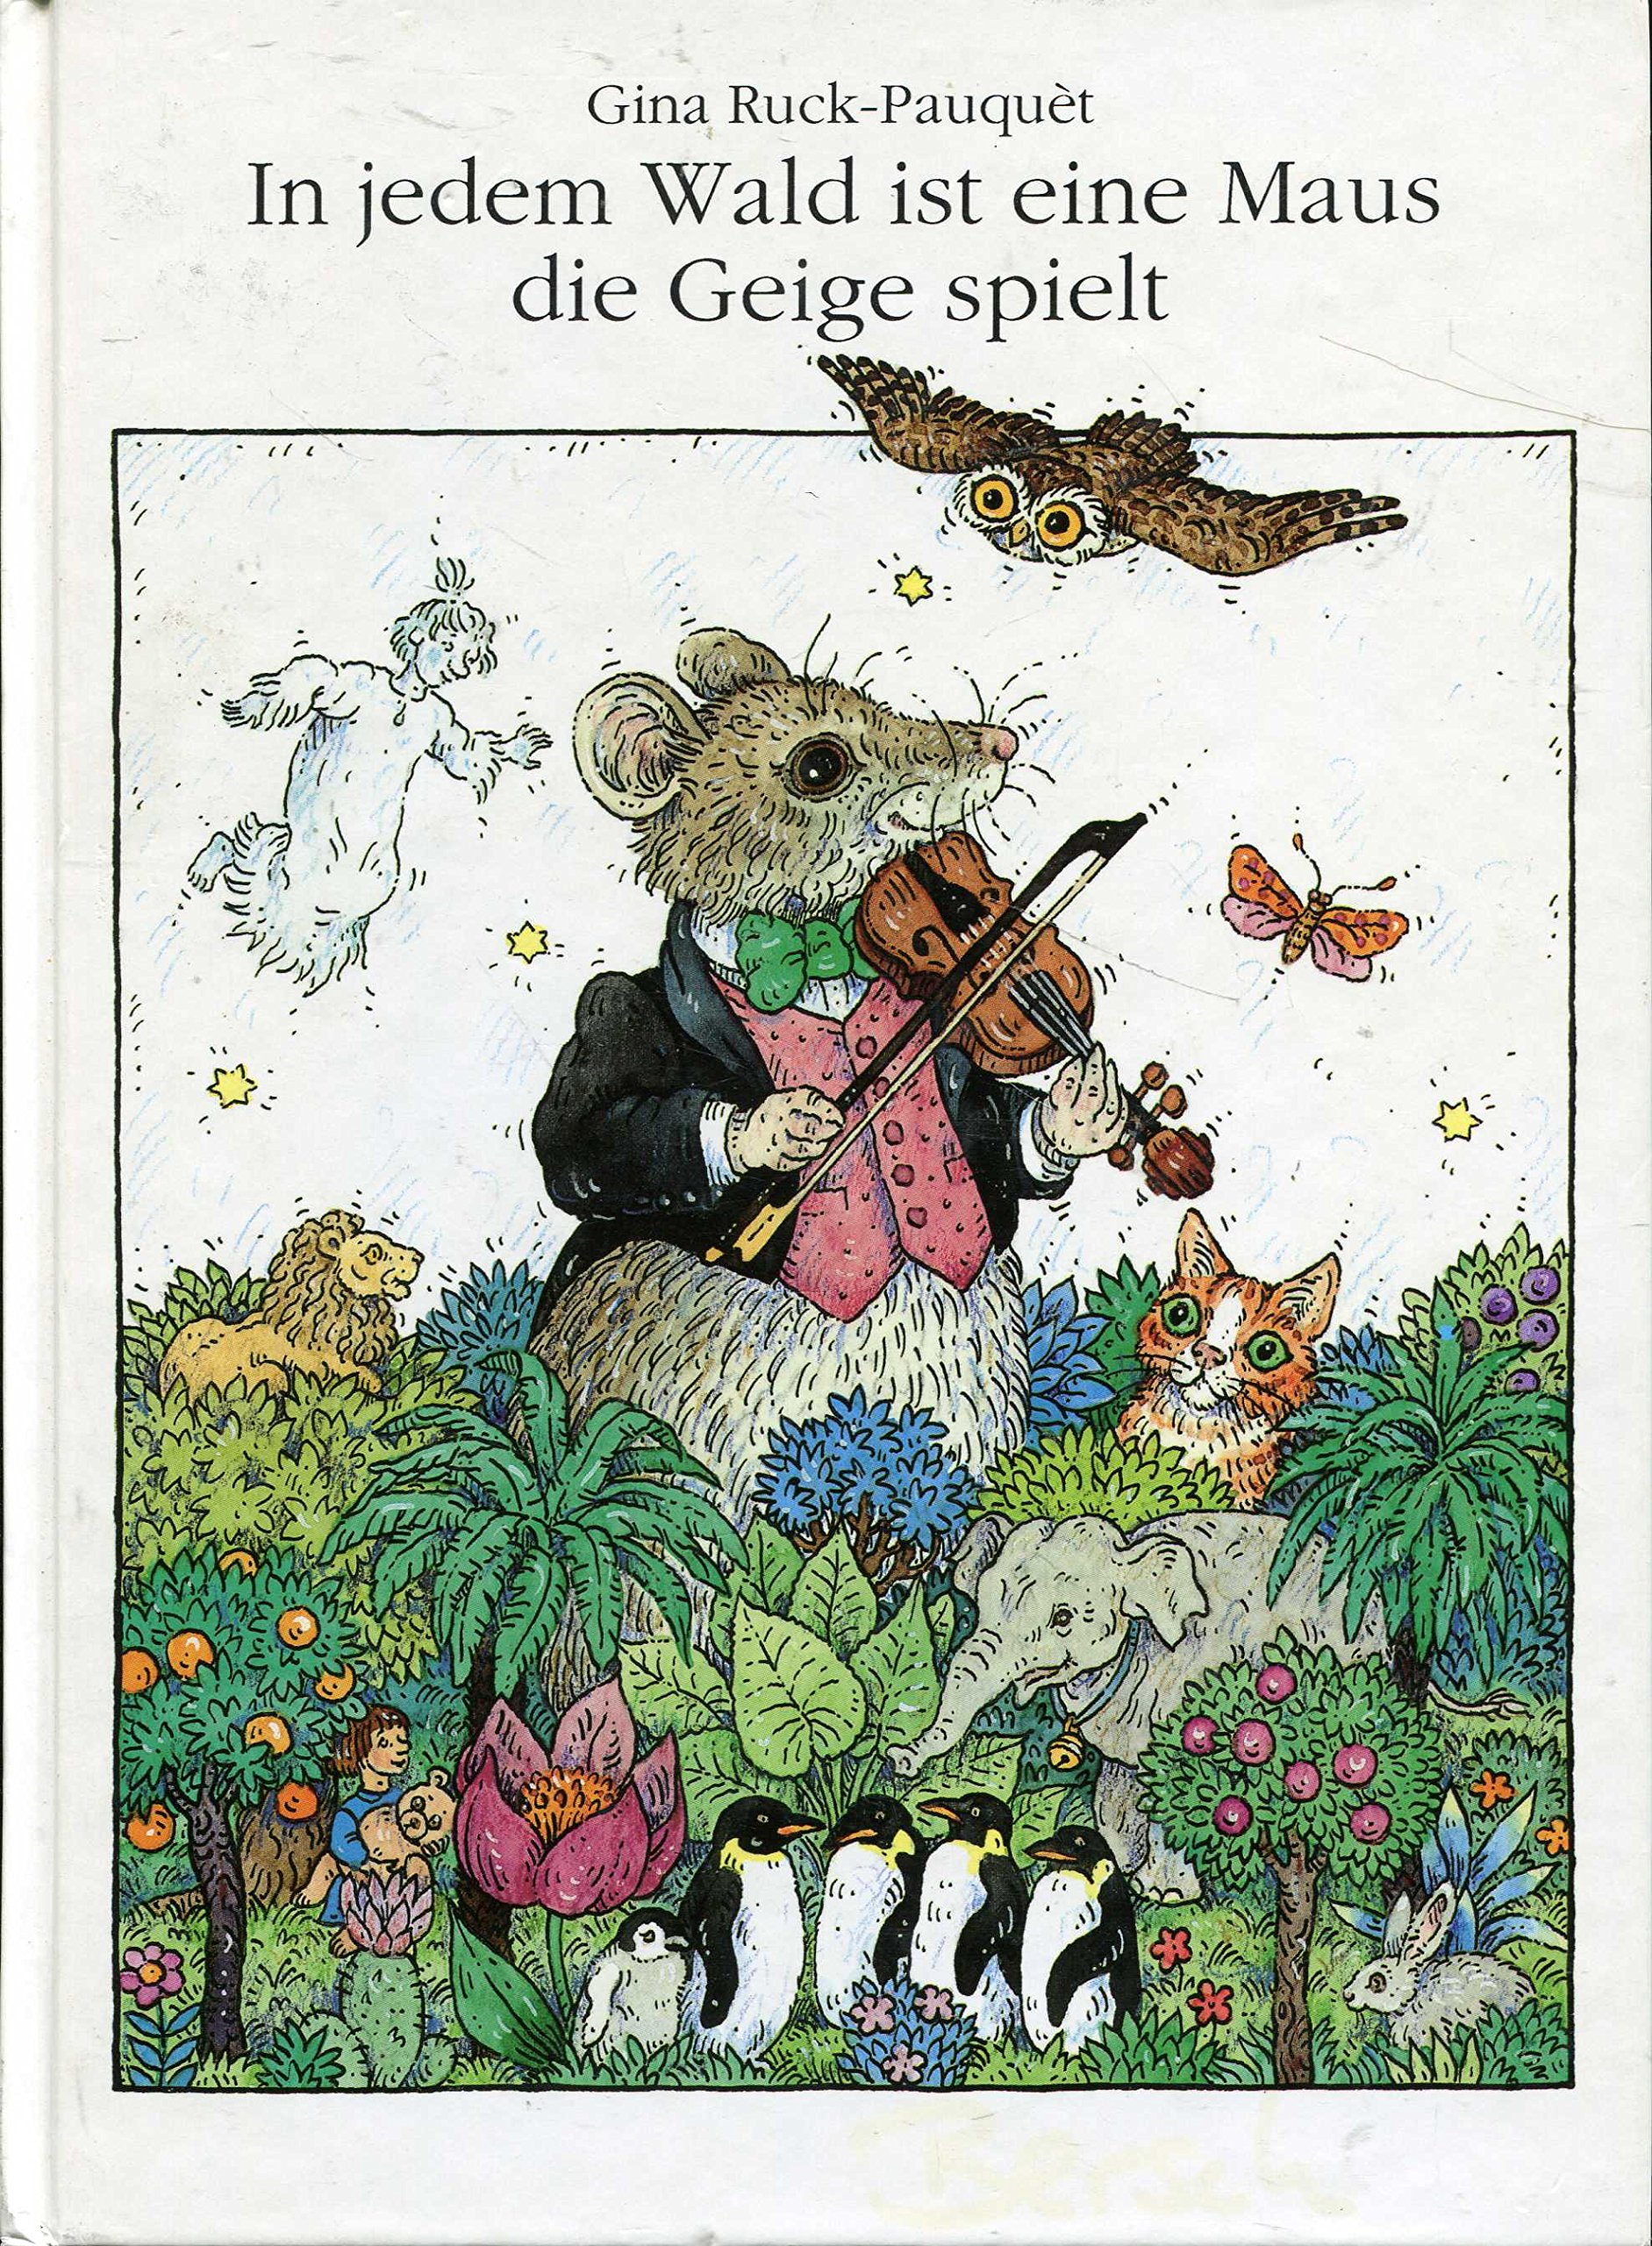 In jedem Wald ist eine Maus, die Geige spielt